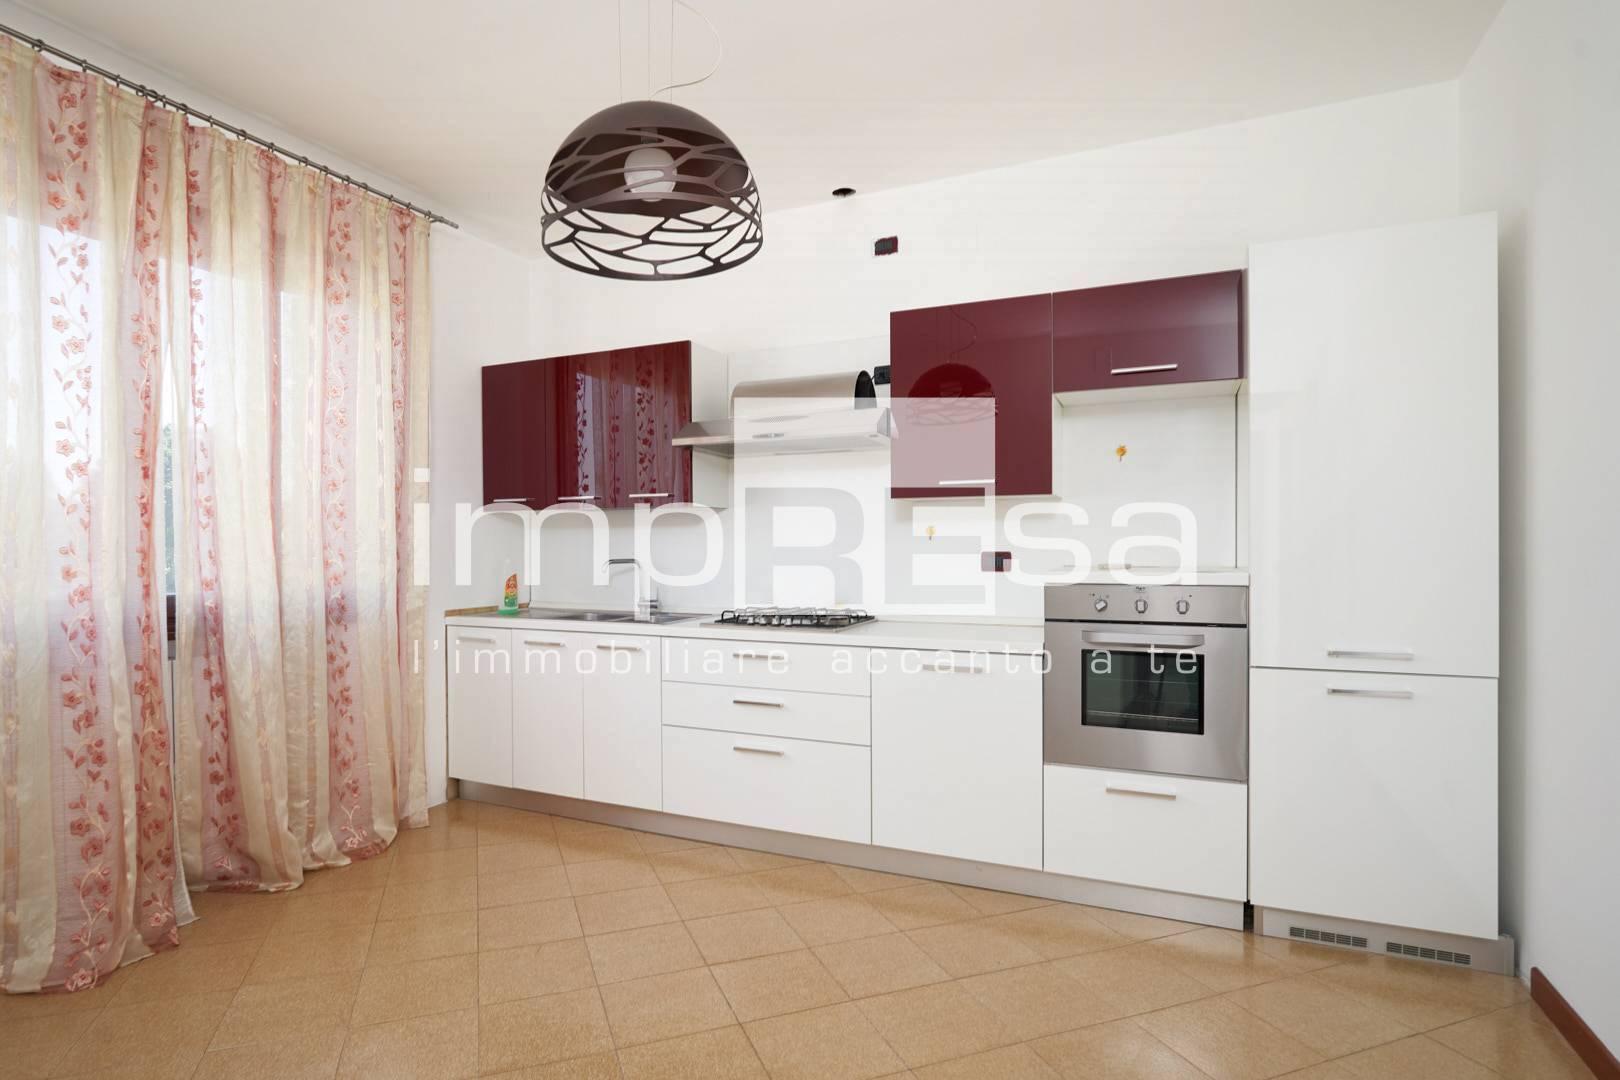 Appartamento in vendita a Martellago, 3 locali, prezzo € 165.000 | PortaleAgenzieImmobiliari.it